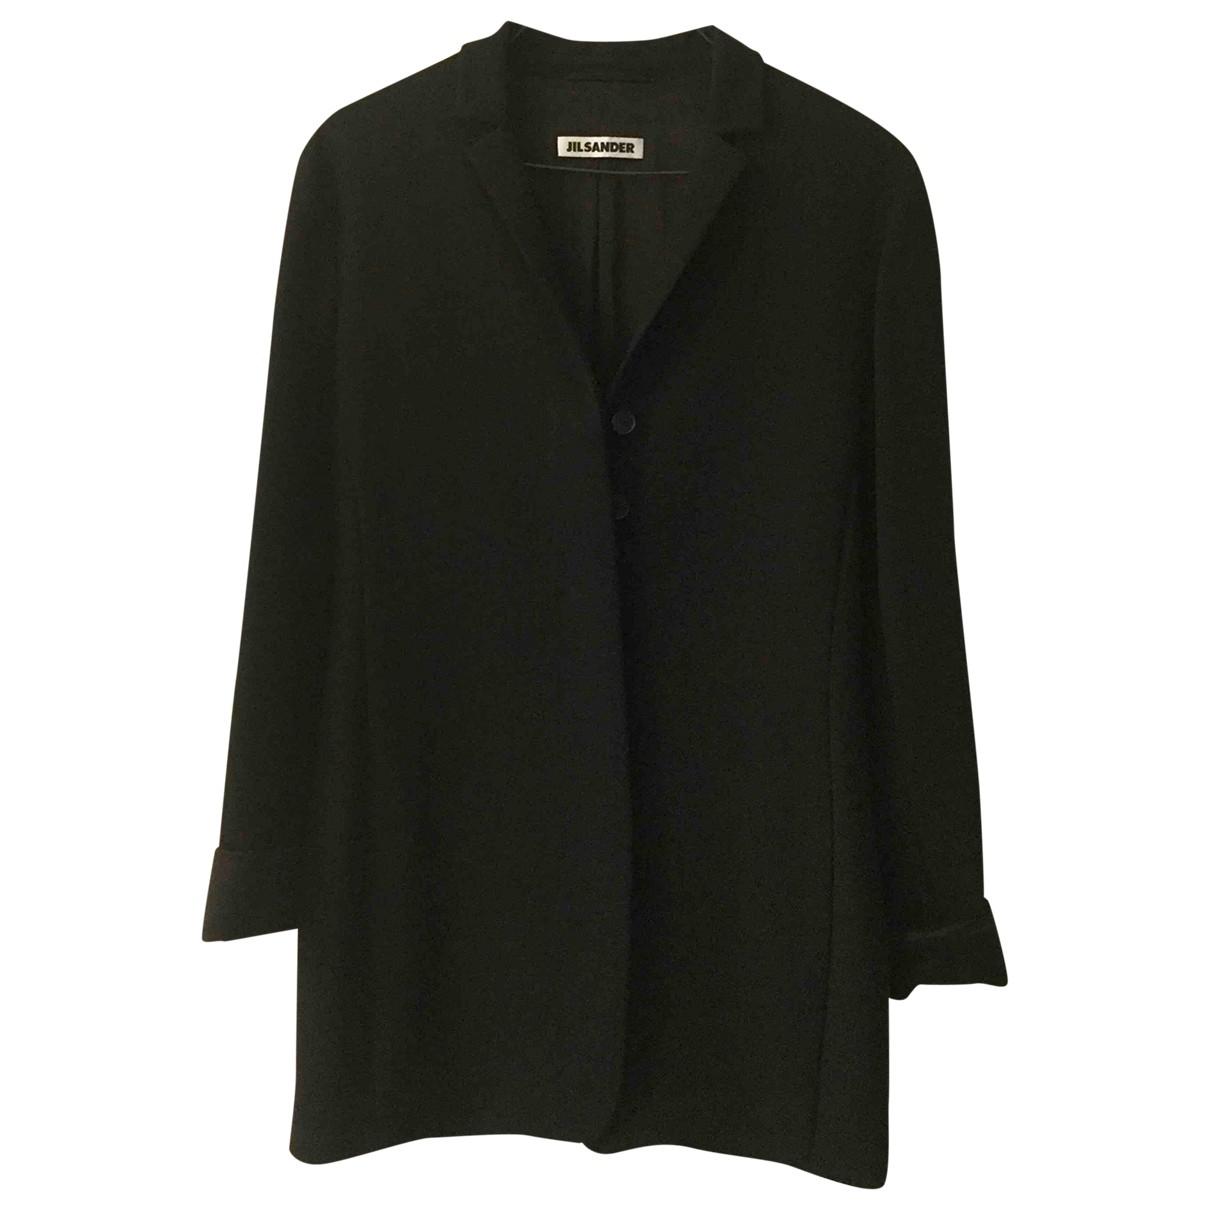 Jil Sander \N Black jacket for Women 36 IT